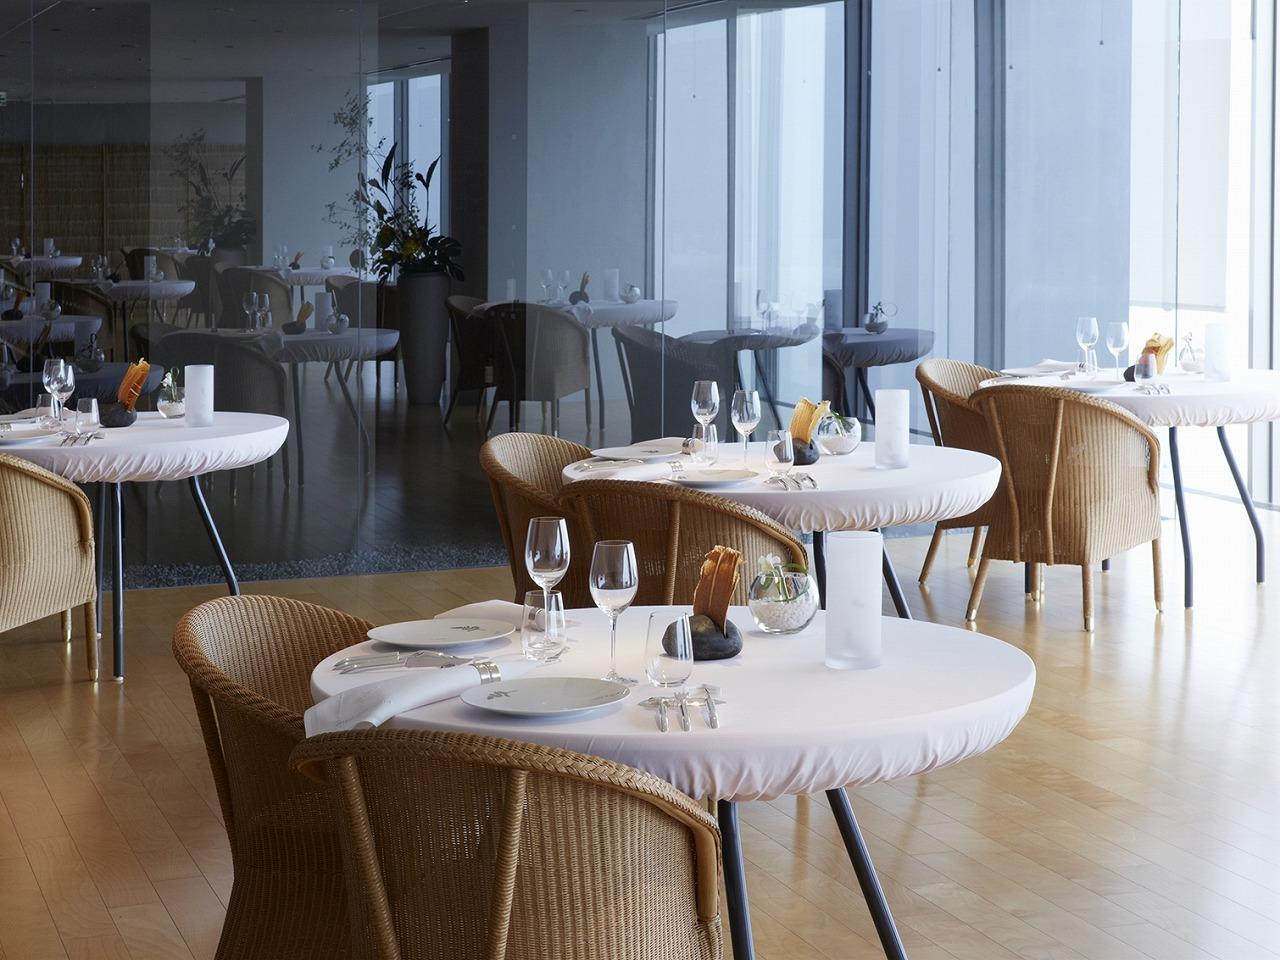 フランス料理レストランイメージ